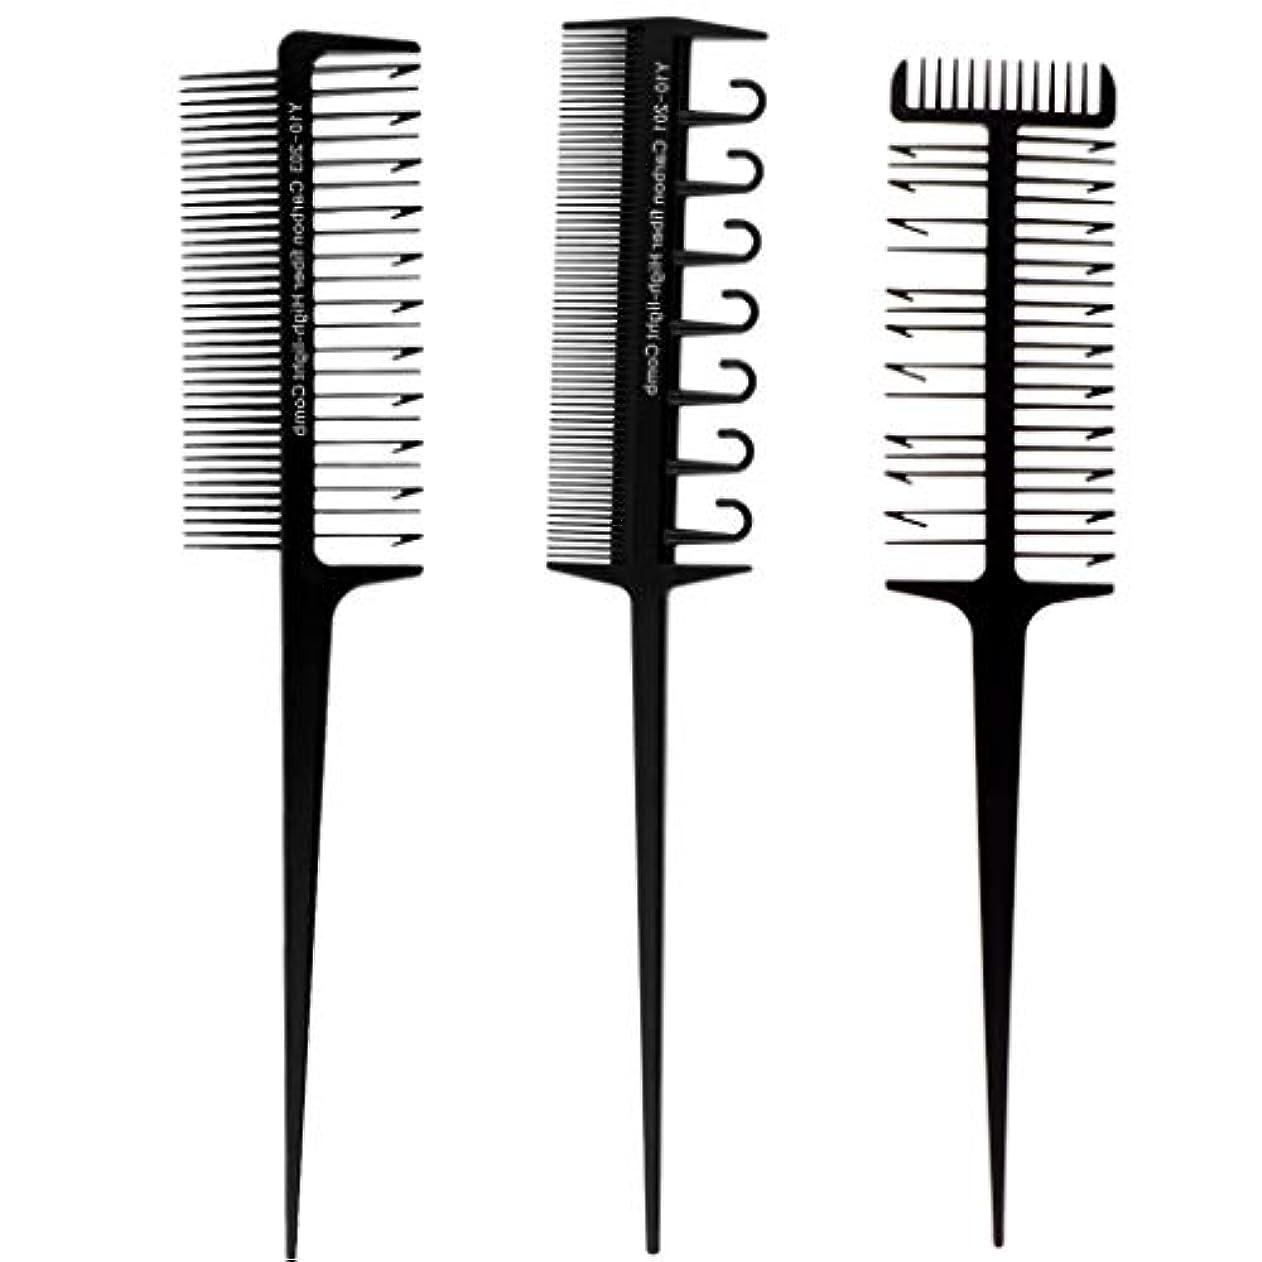 ビジネス急勾配の第二にヘアダイブラシ 毛染めコーム 髪染め用ヘアコーム サロン 美髪師用 DIY髪染め用 3本セット